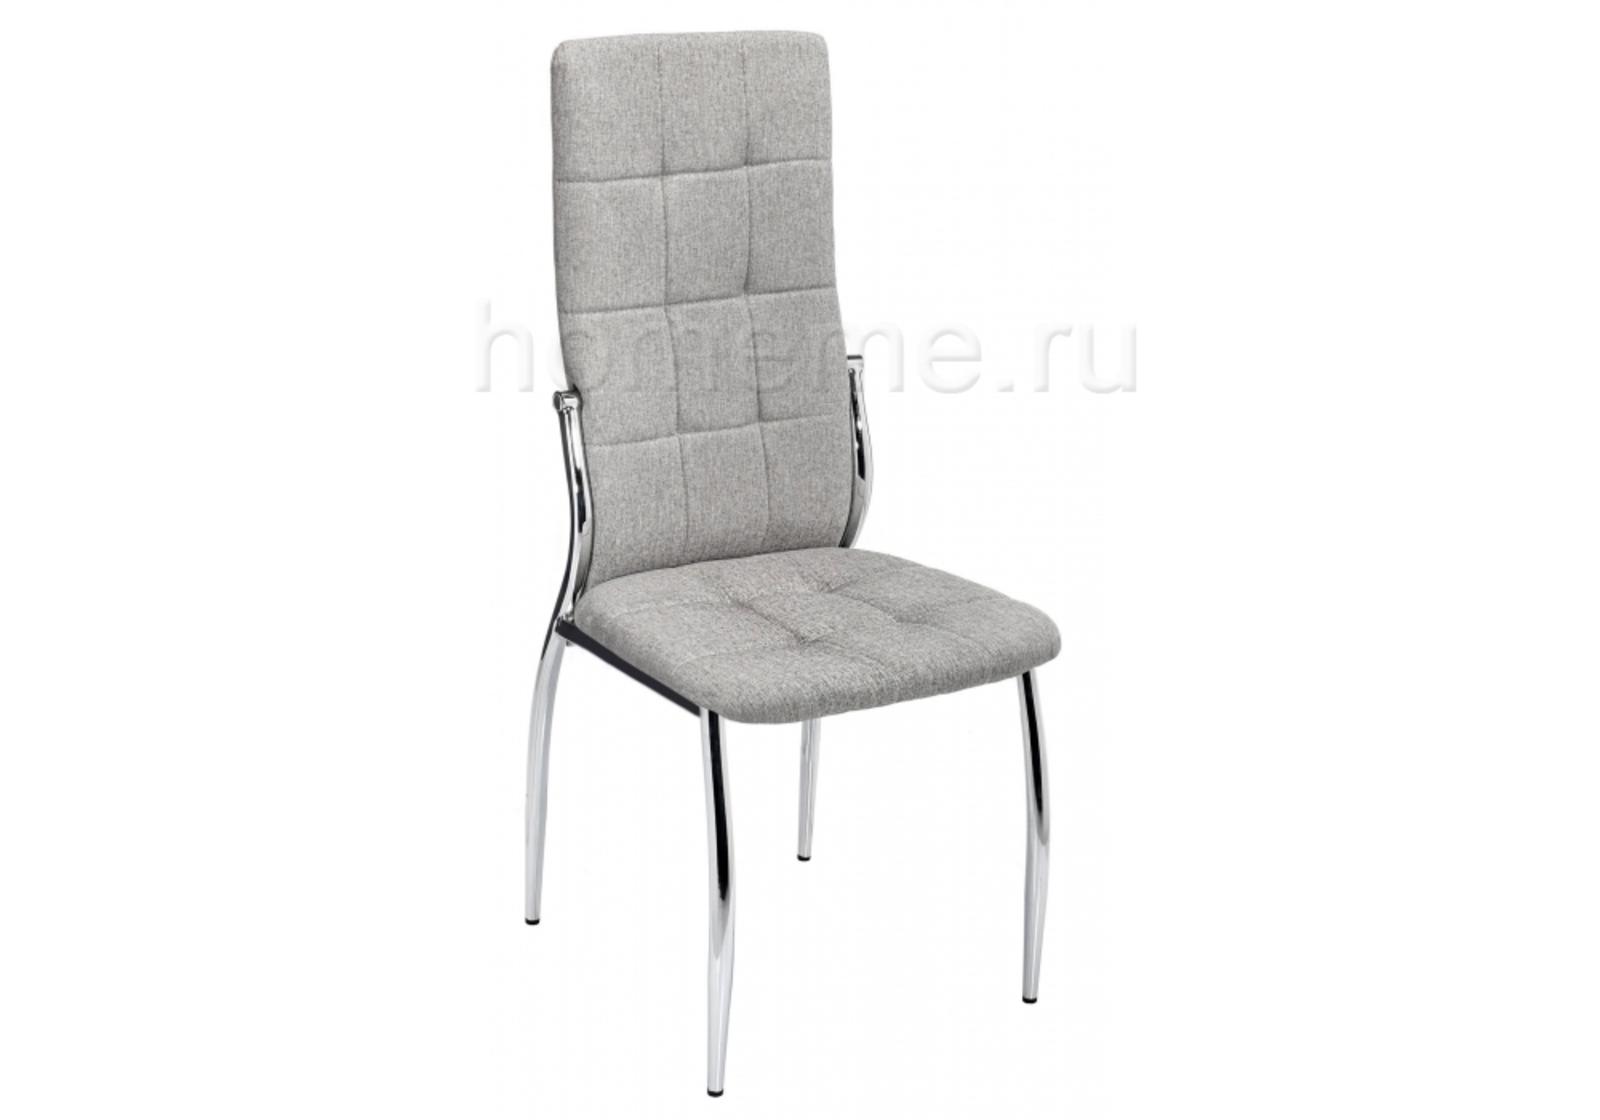 Стул Farini light grey / grey fabric 11587 Farini light grey / grey fabric 11587 (18604) фото